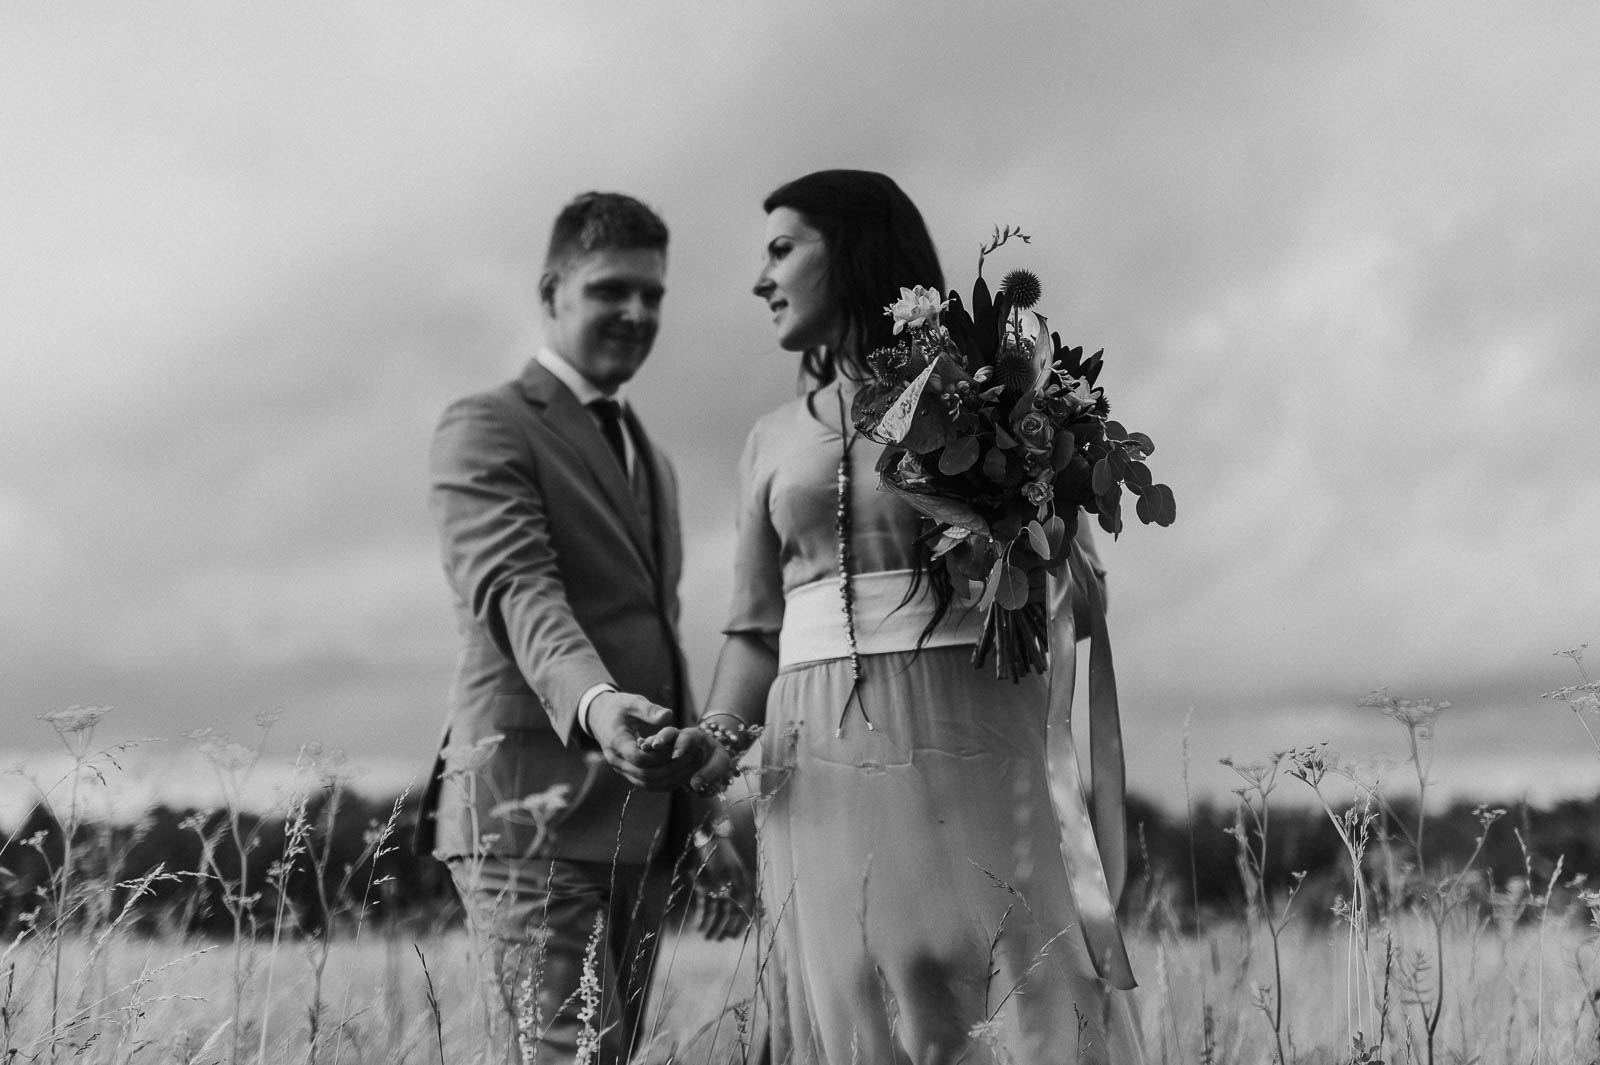 mari-liis-rannes-wedding-pulm-pulmafotograaf-mait-juriado-10